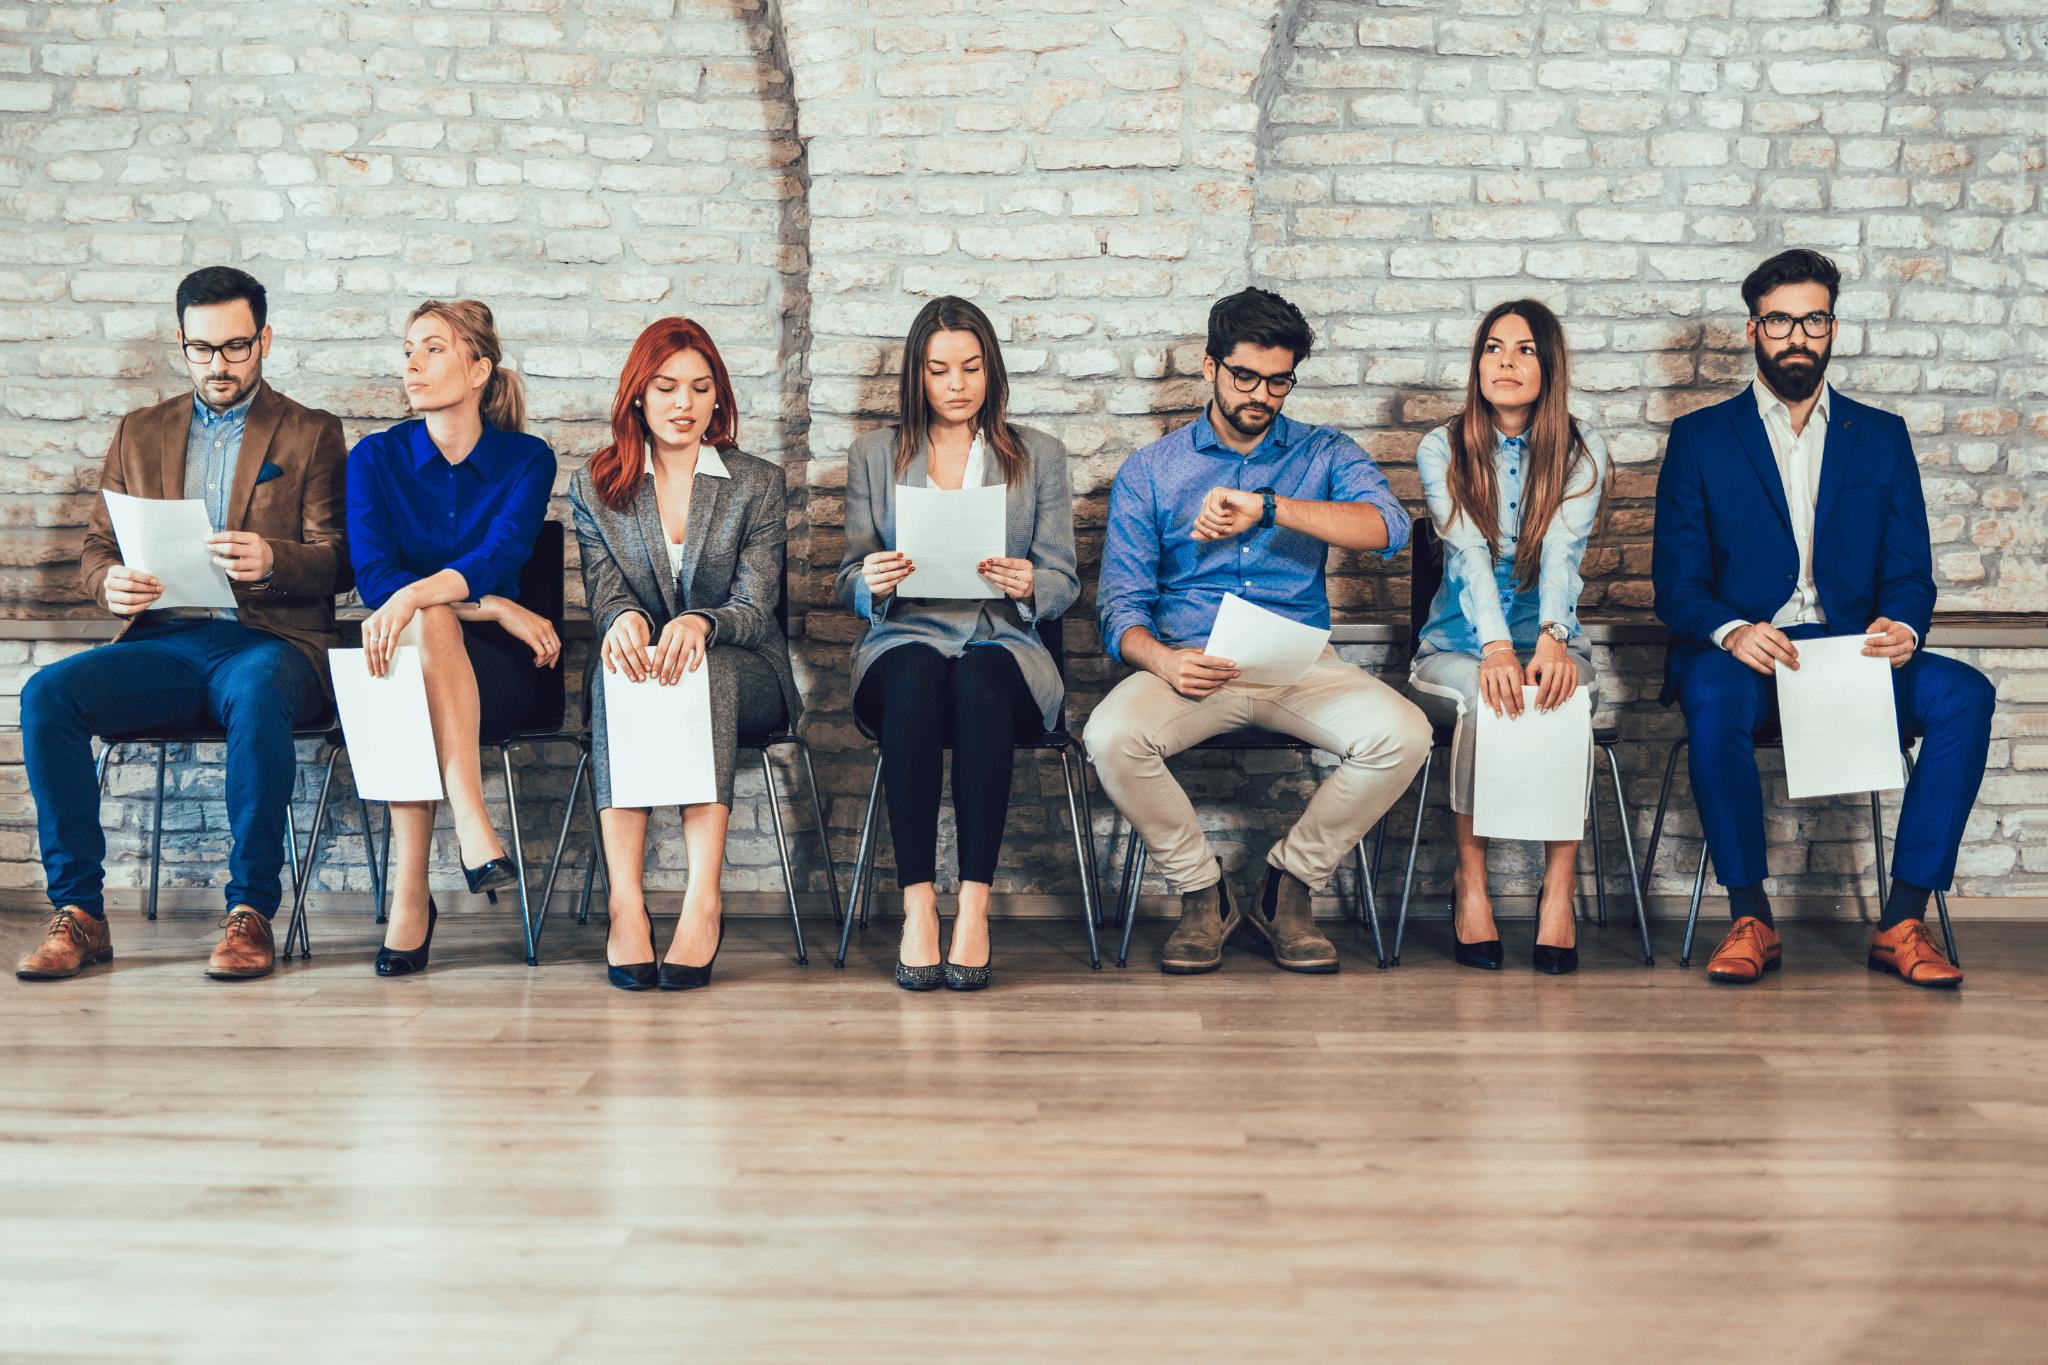 Die richtigen Mitarbeiter auswählen: So hilft das TEV-Modell dabei